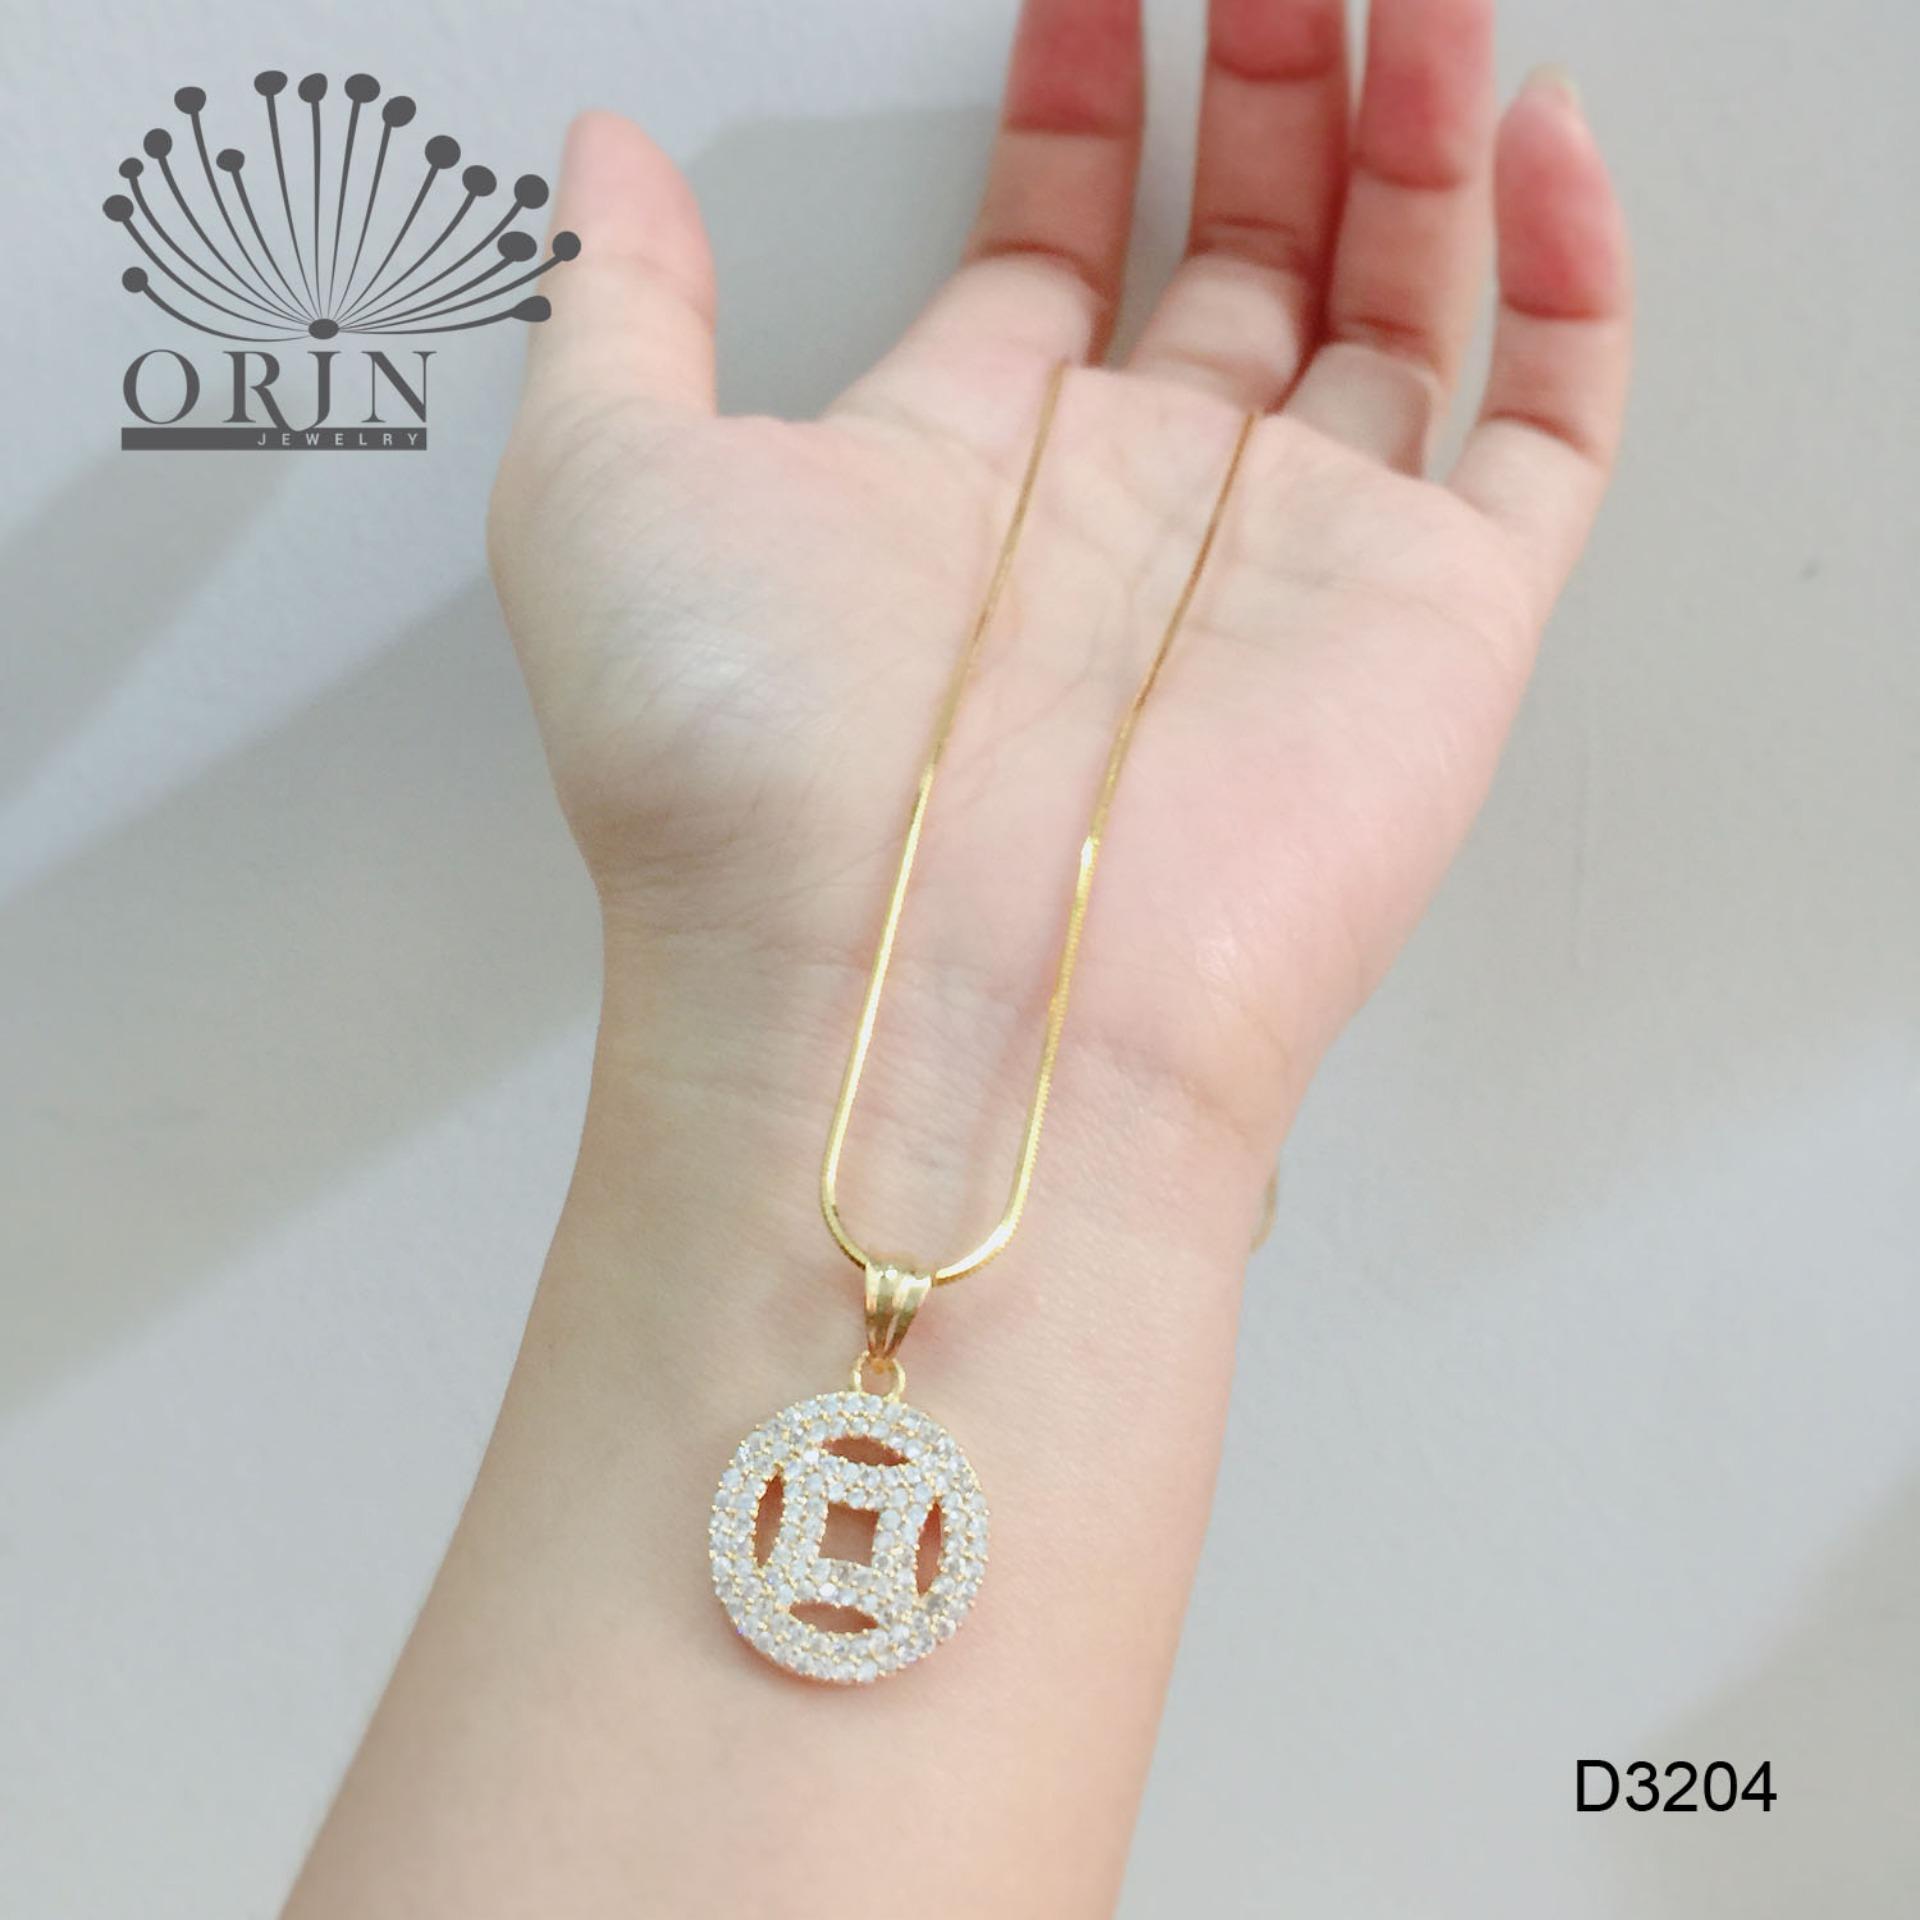 Dây chuyền nữ dạng mì mặt đồng hào đính đá thời trang Orin D3204 đẳng cấp